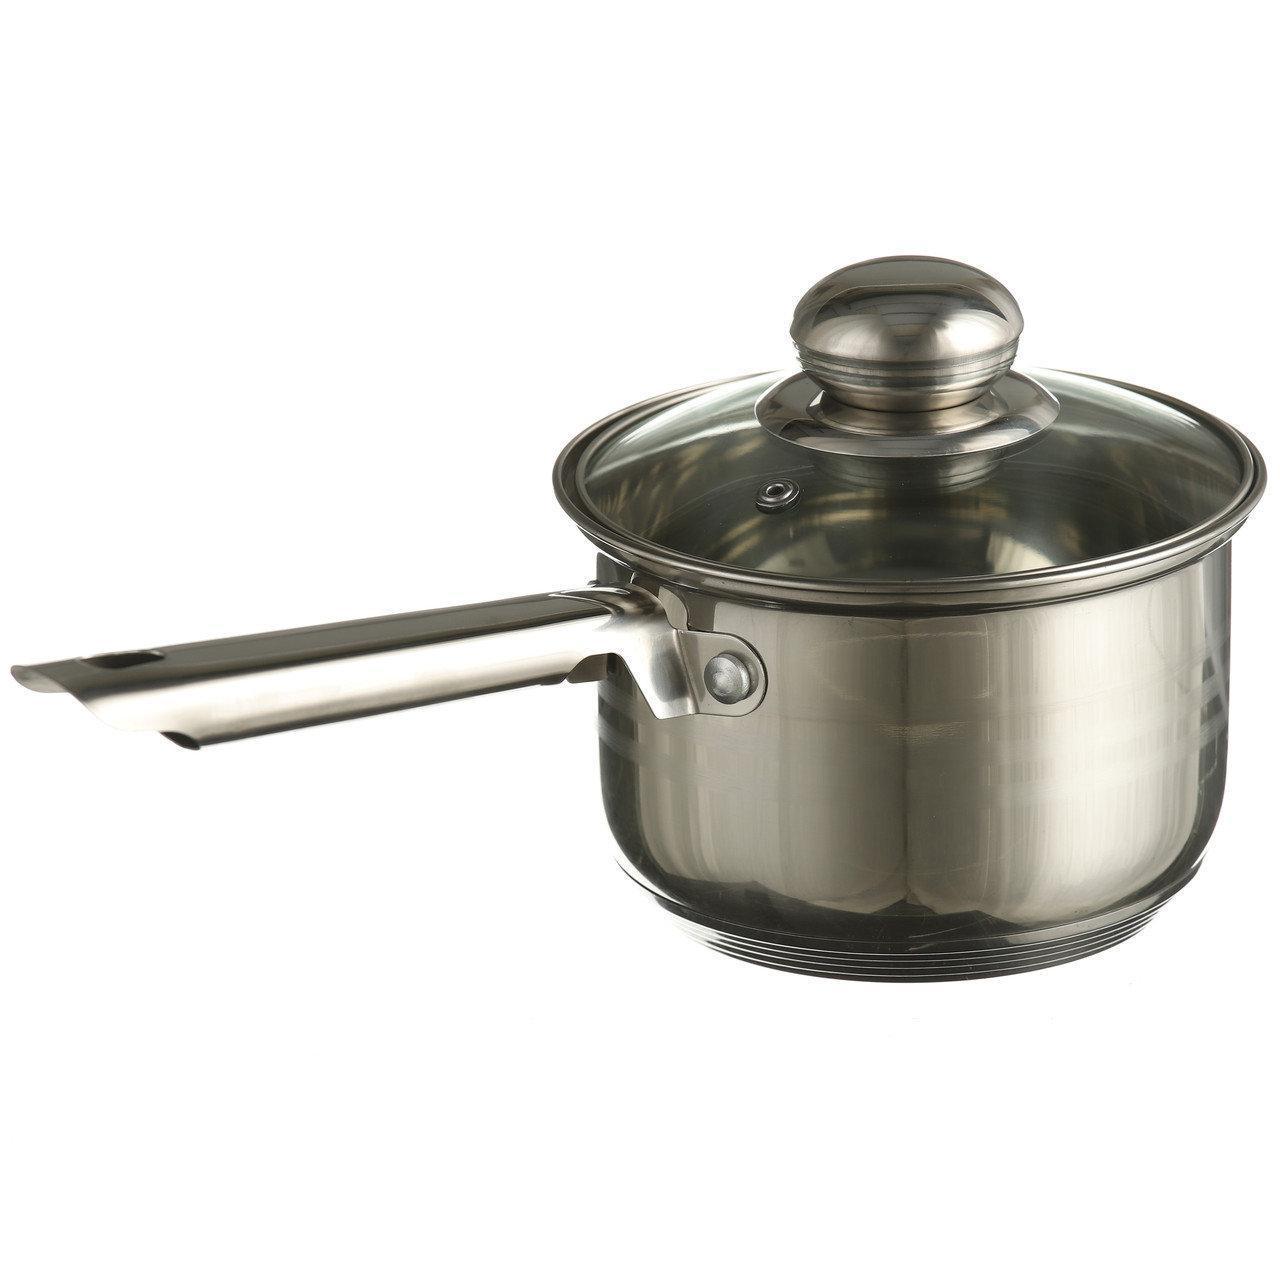 Ковш кухонный A-PLUS 1.4 литра